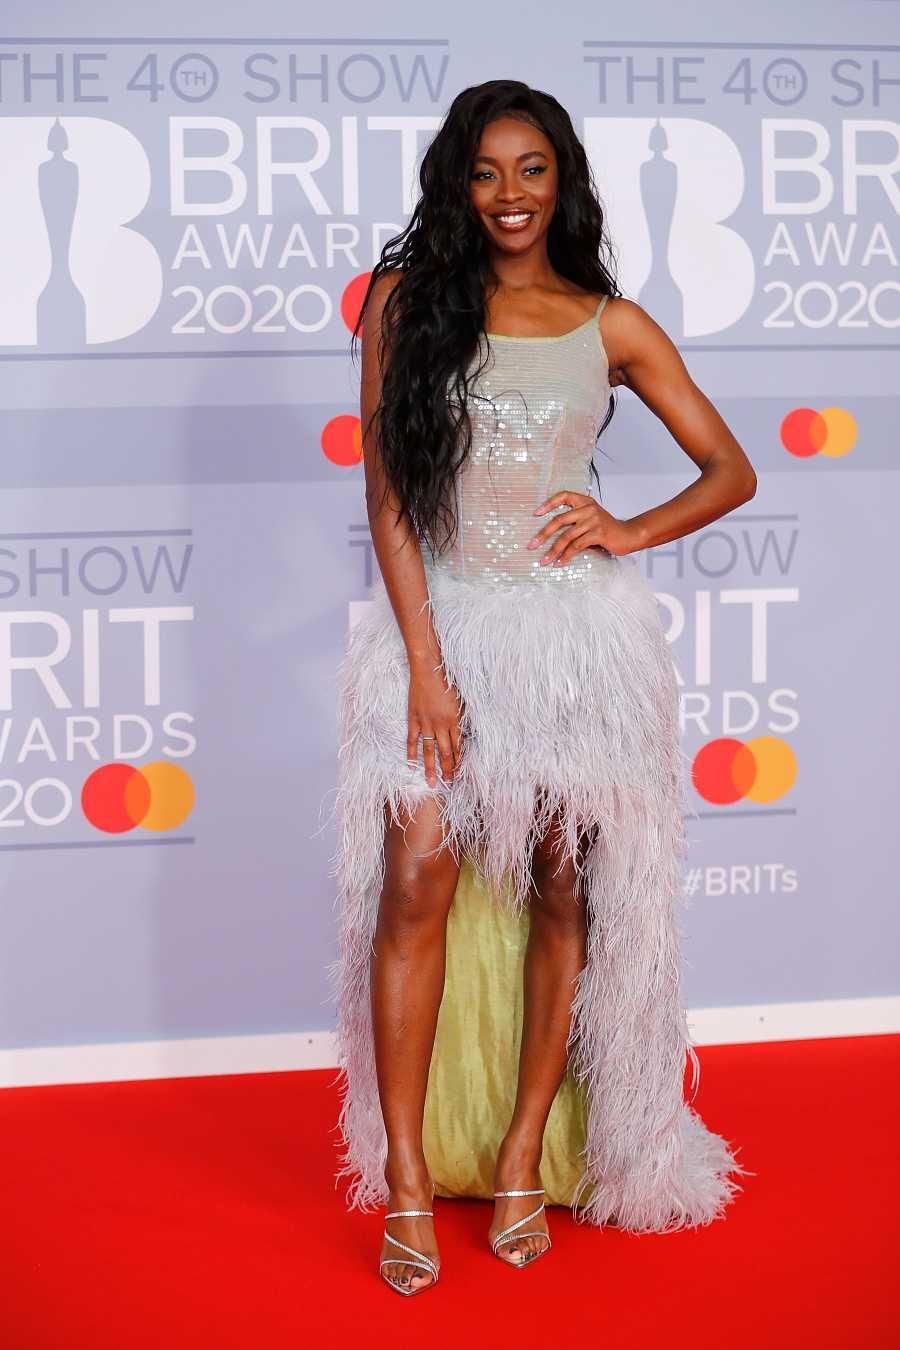 La presentadora AJ Odudu se atrevió con un vestido de tirantes asimétrico con cola. La parte superior, brillante y la falda con plumas y forro de raso en color verde pistacho